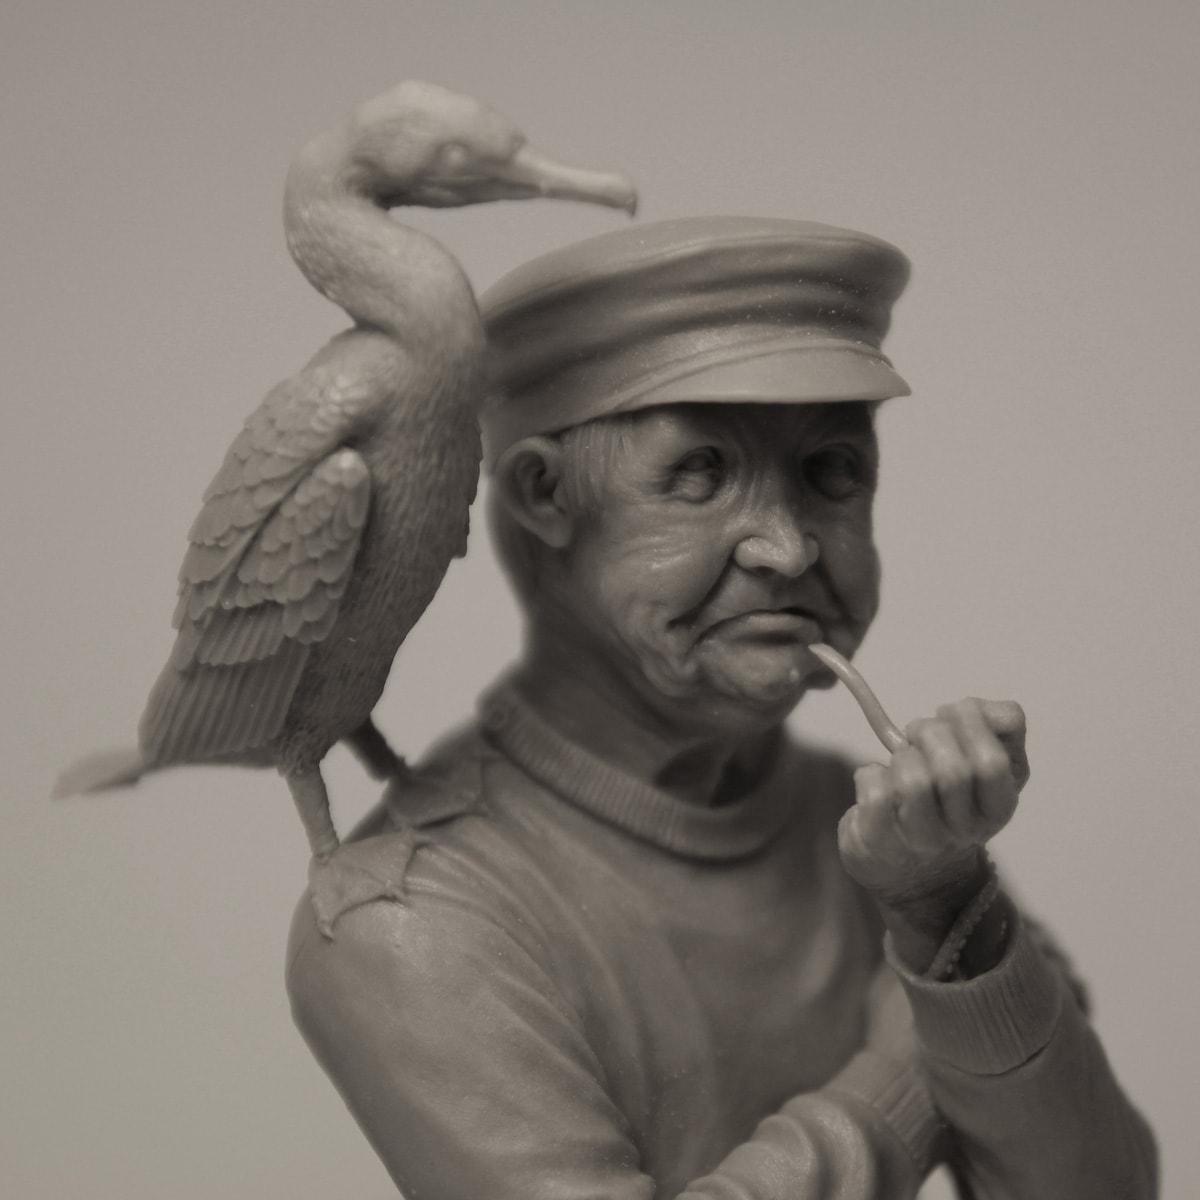 innsmouth-fisherman3